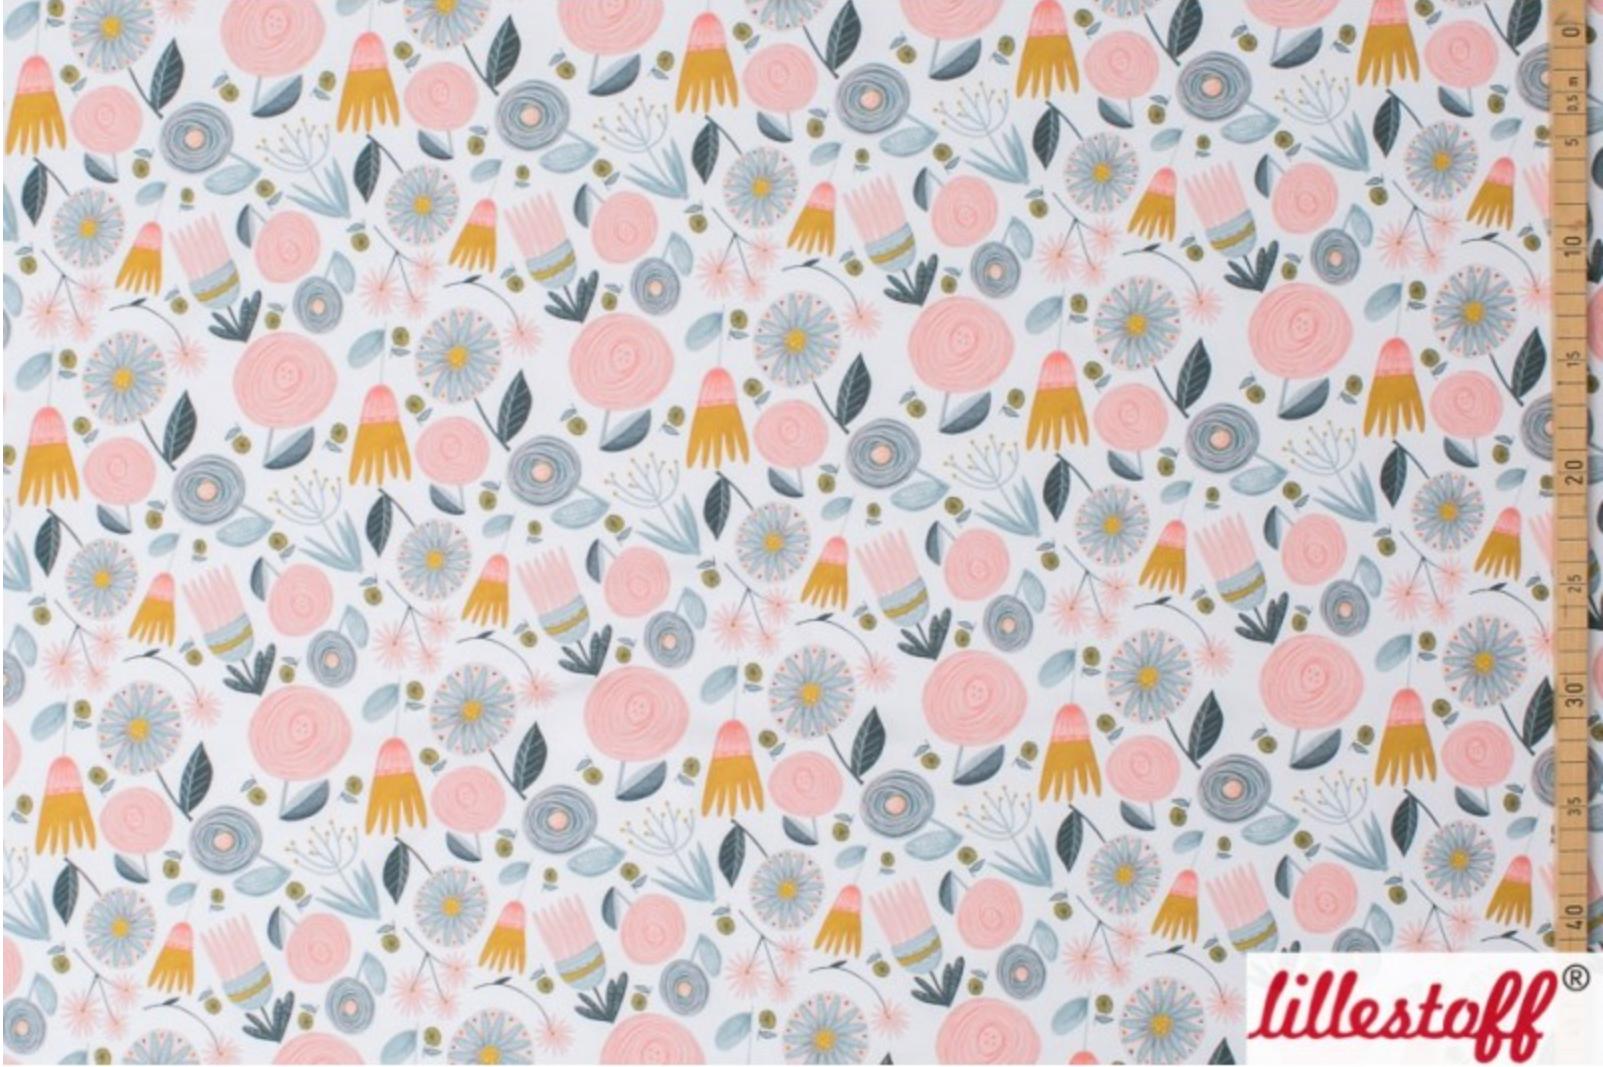 Sommersweat - Kitty Garden Flowers von Lillestoff